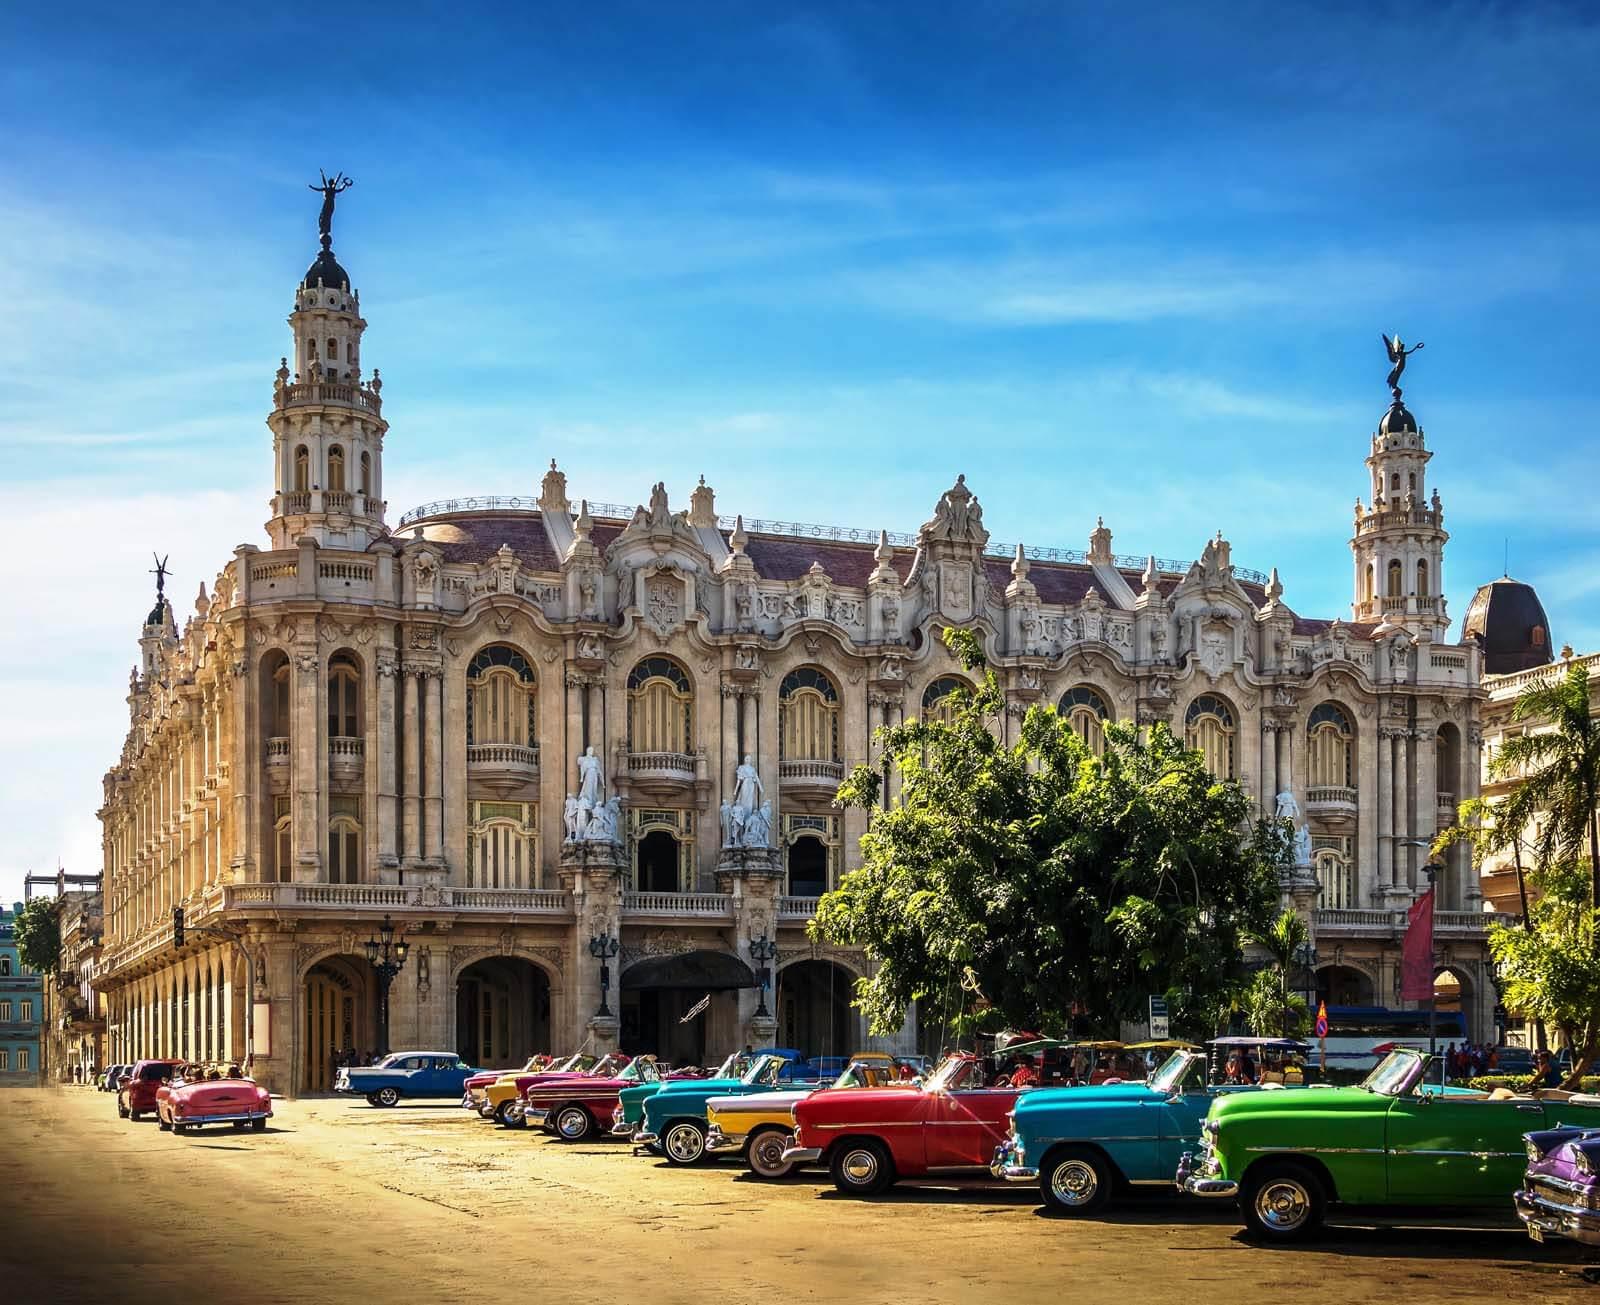 Klassieke Amerikaanse auto's geparkeerd bij nationale theater in Havana Cuba